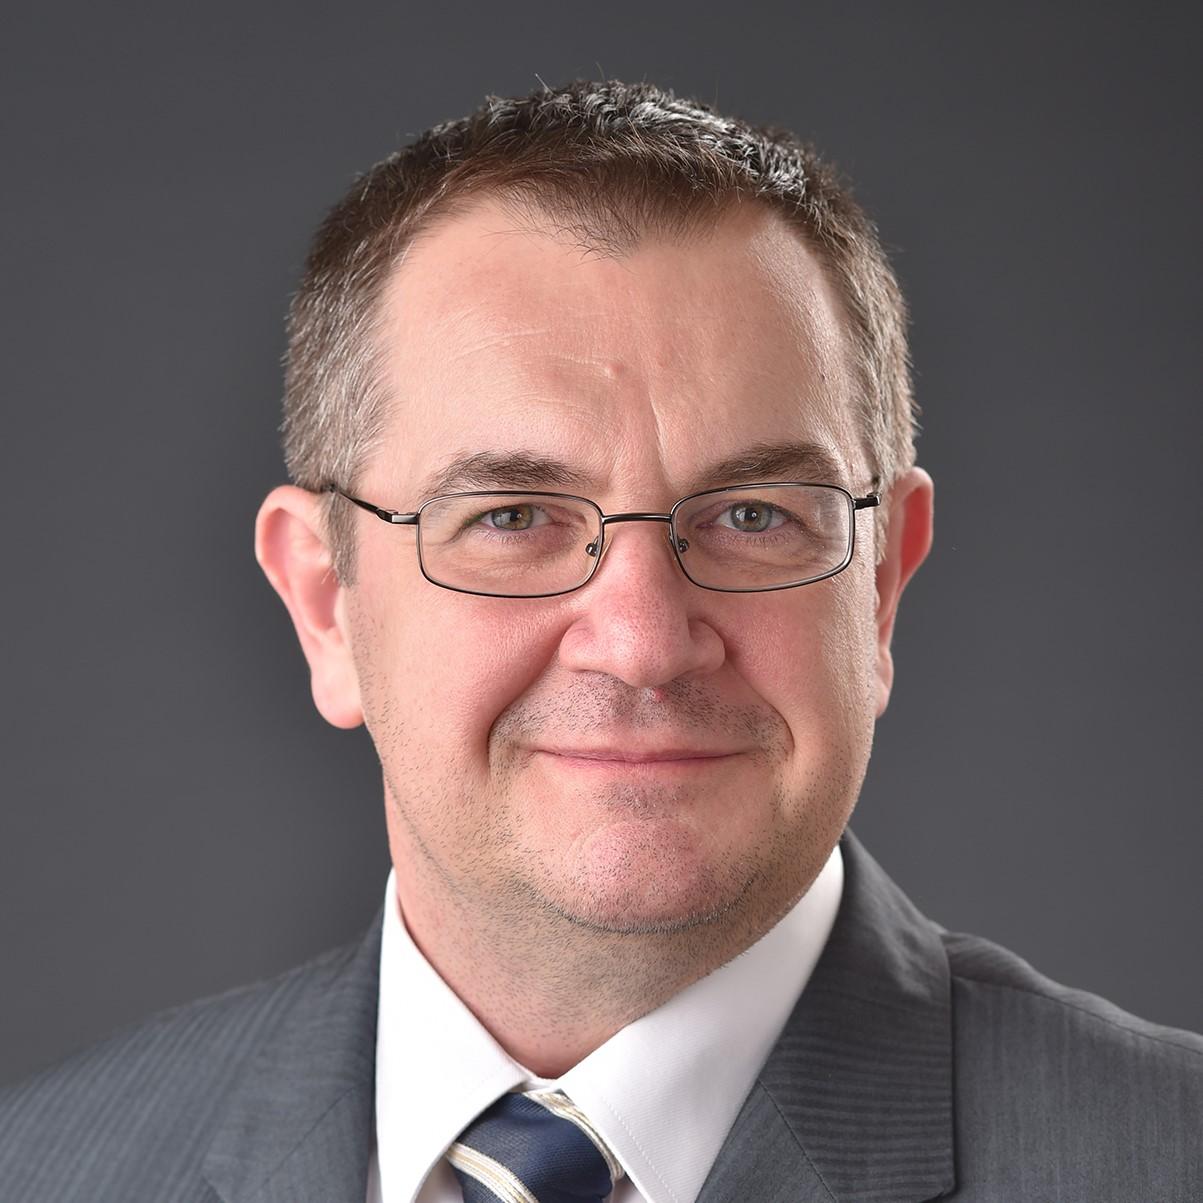 Dragan Mašulović